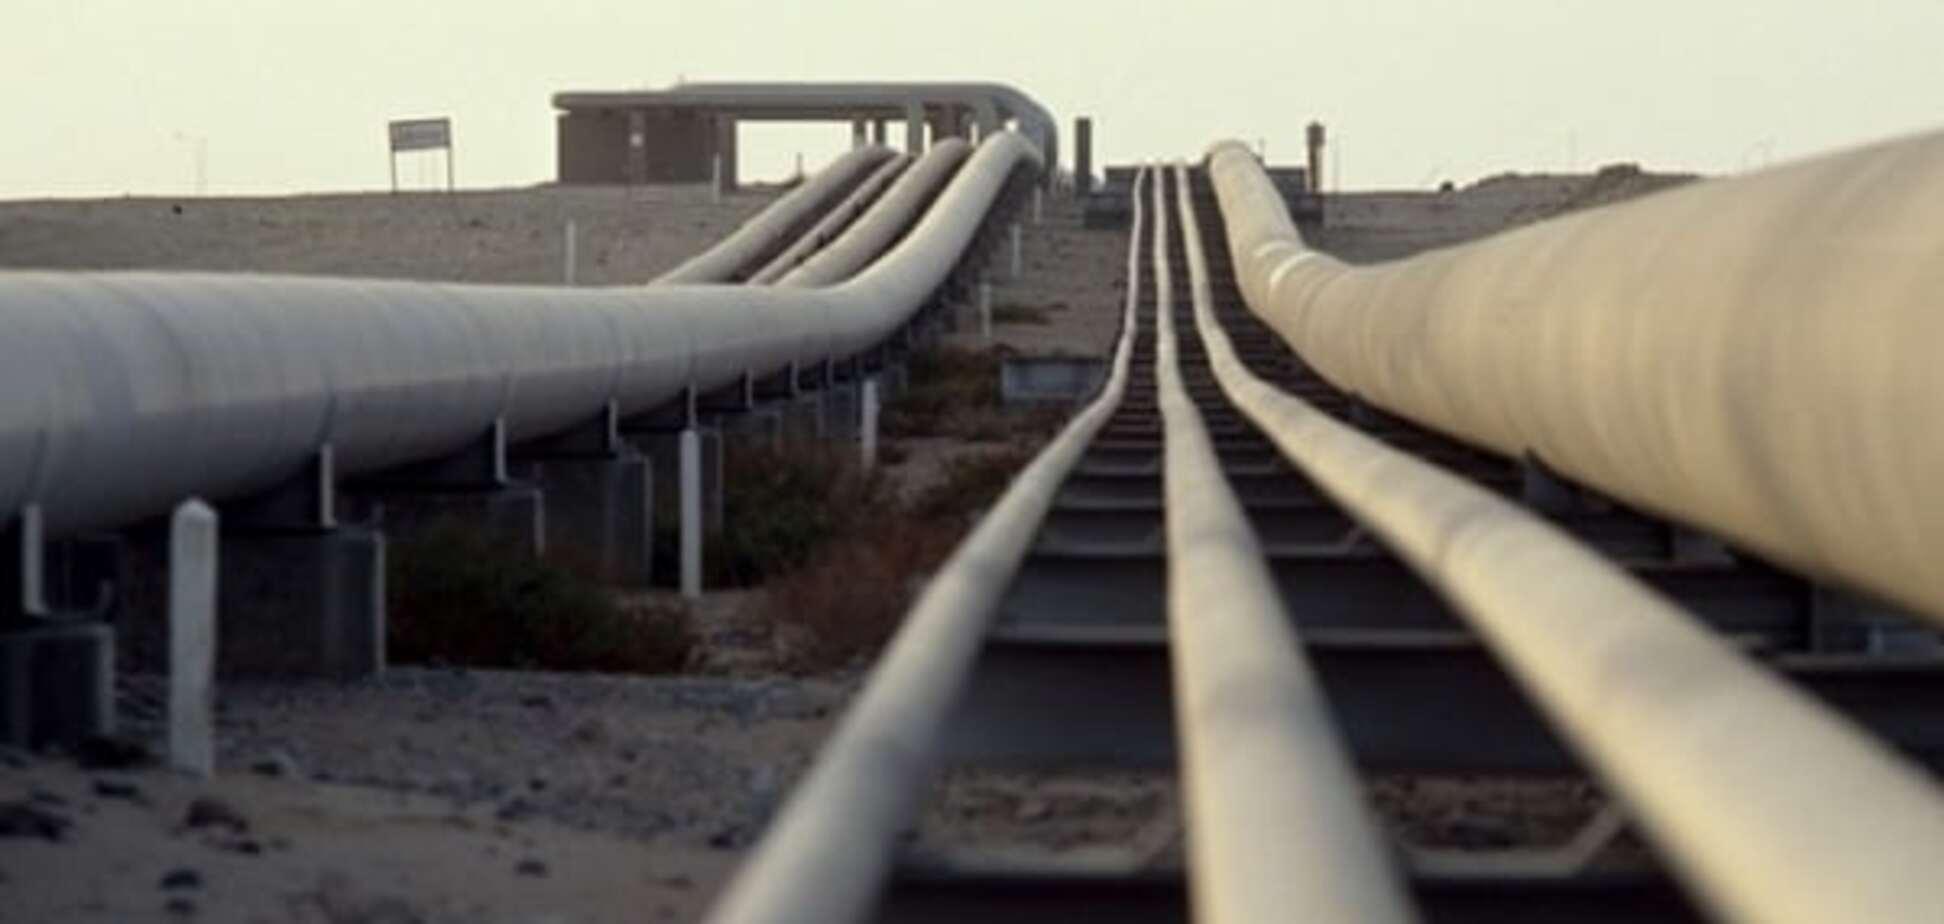 Казнь шиитского проповедника может поднять нефть до $200 за баррель